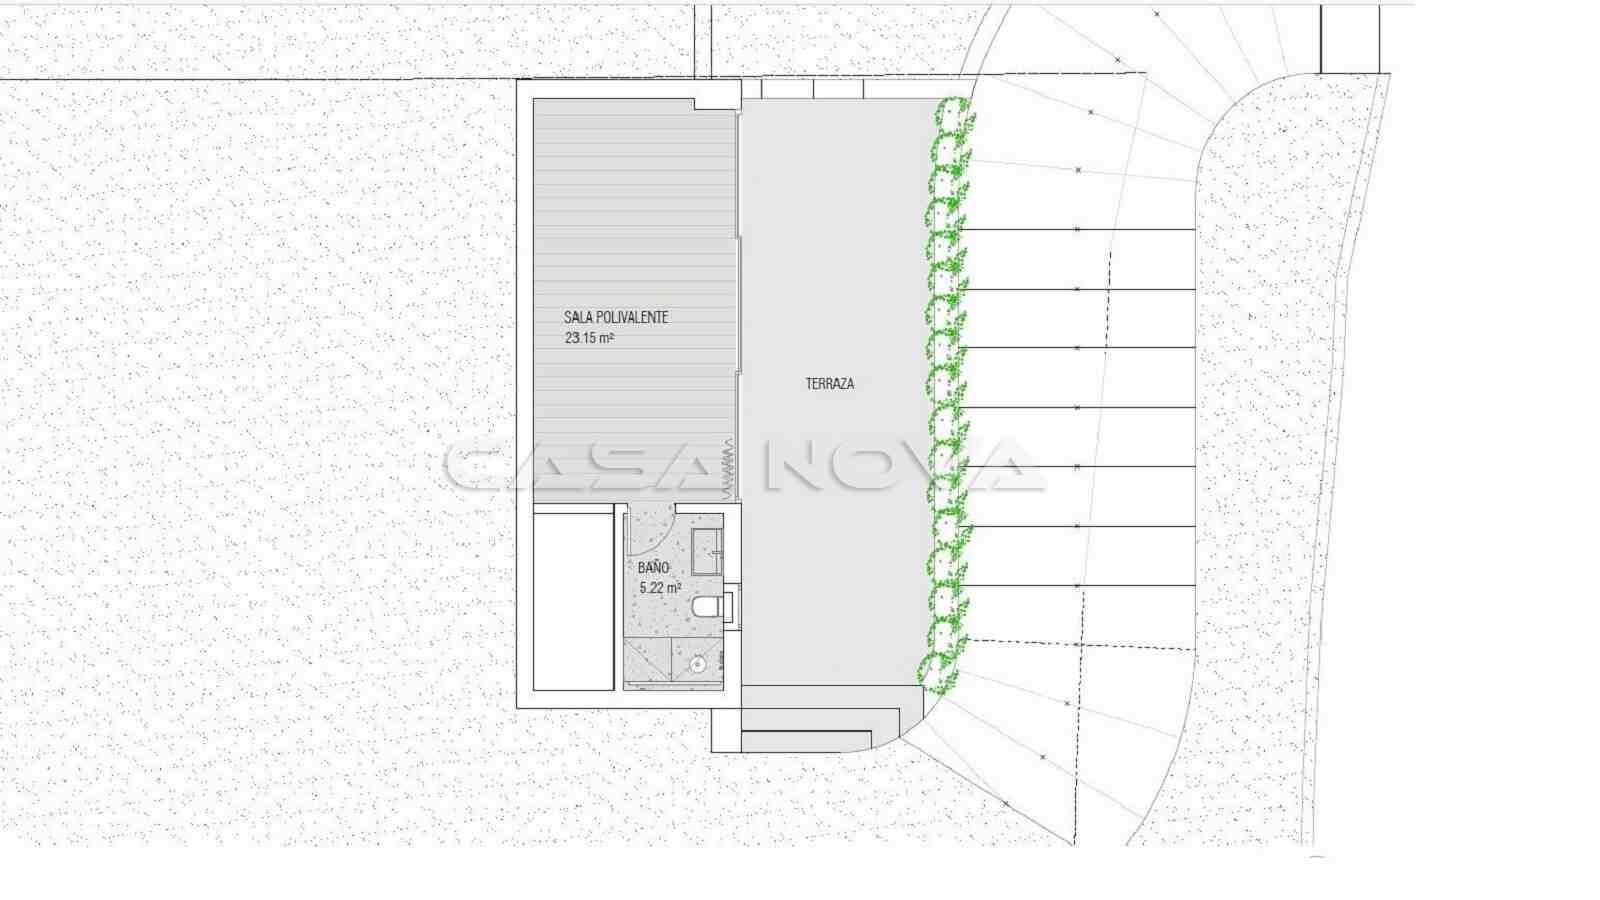 Plan vom Gästeapartment im Untergeschoss